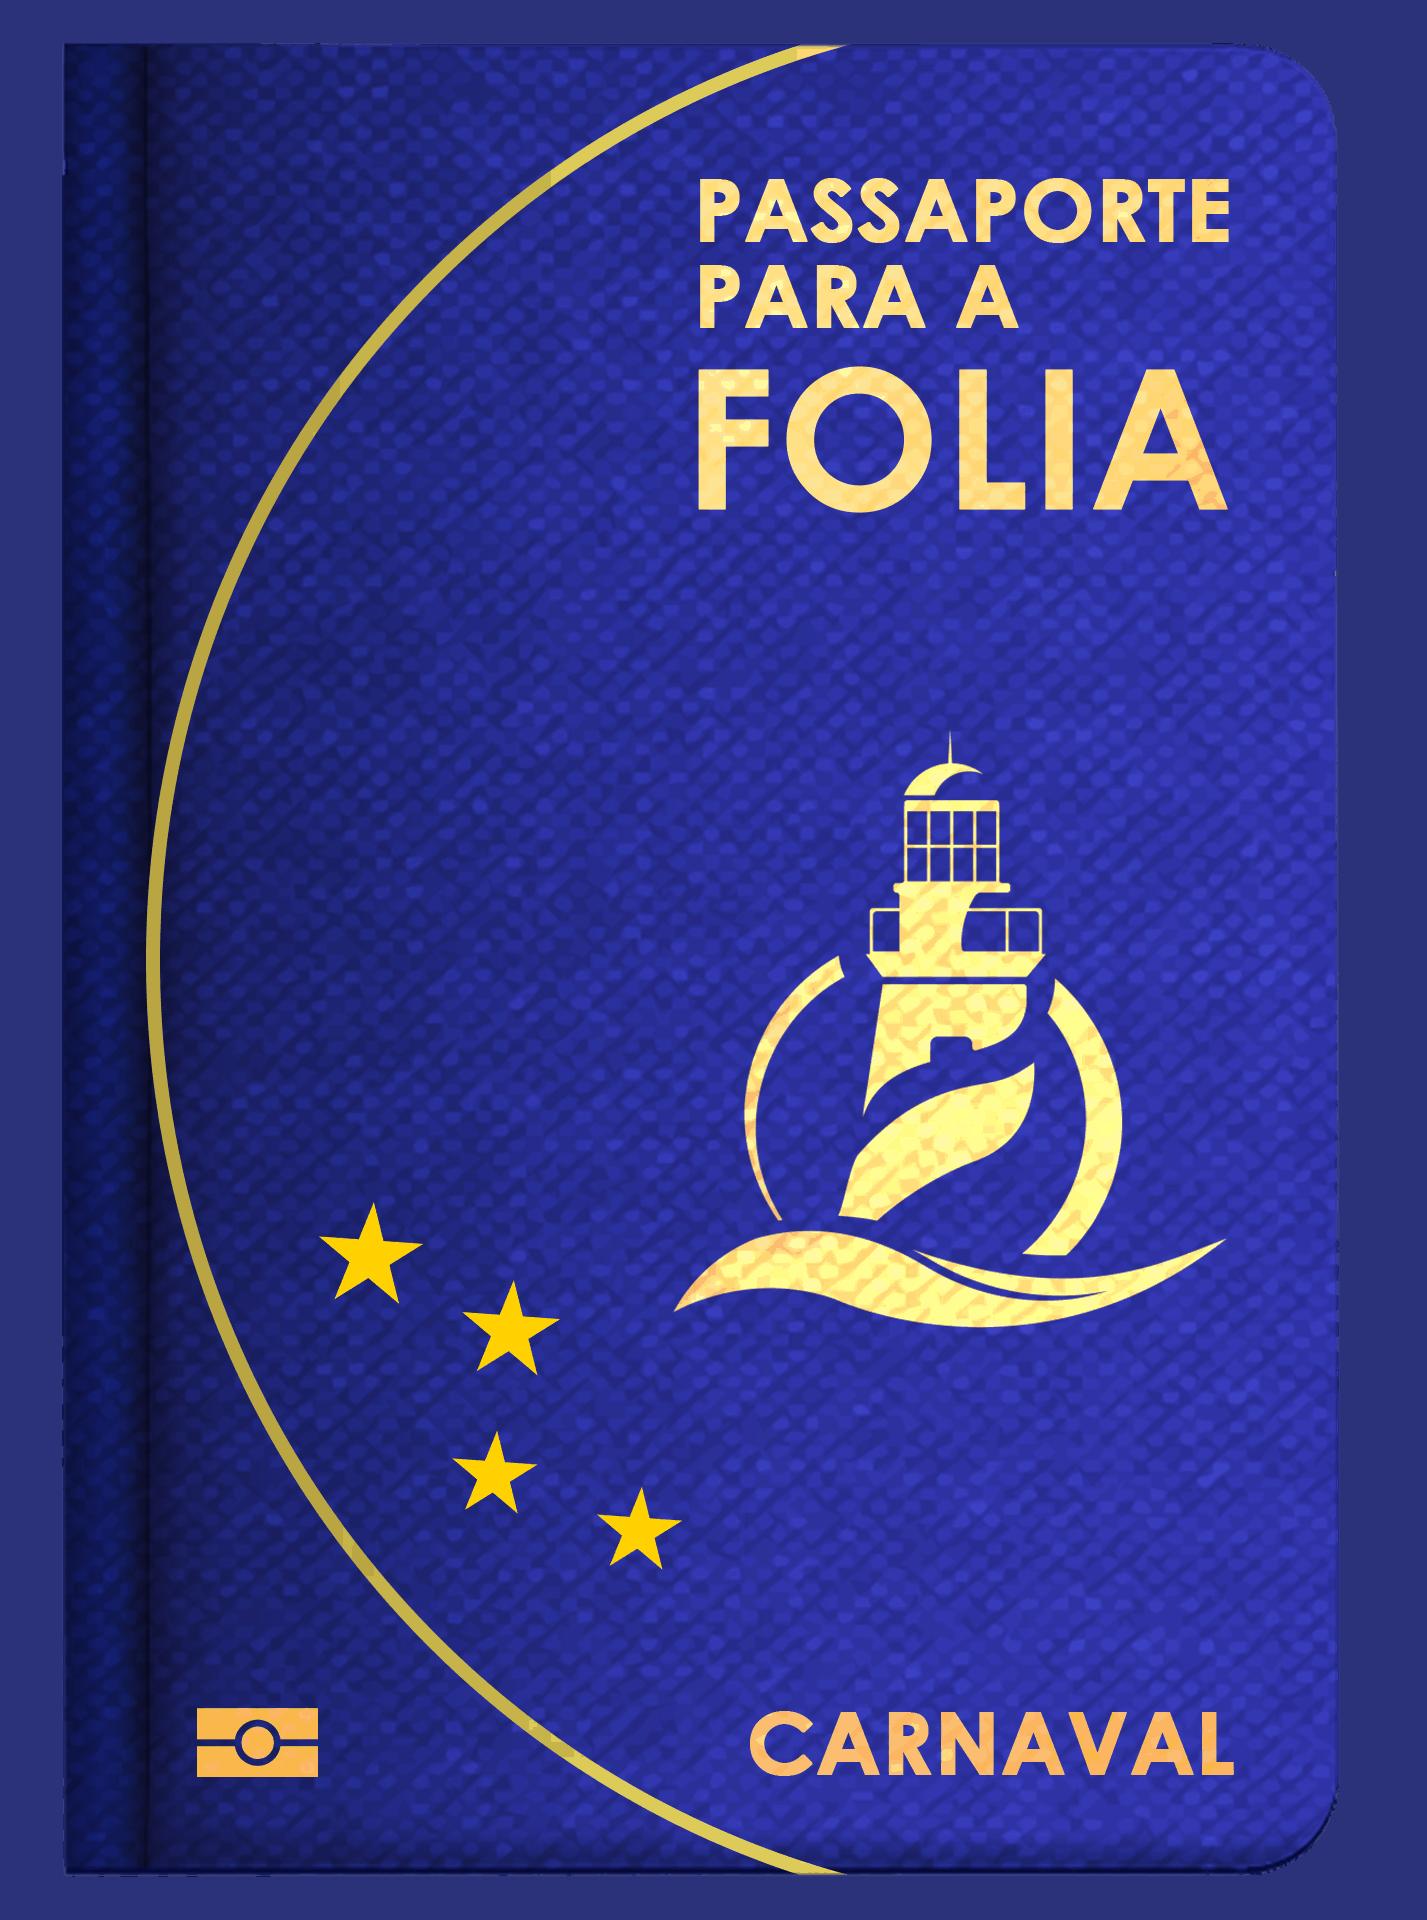 Passaporte da Folia Carnaval Salvador